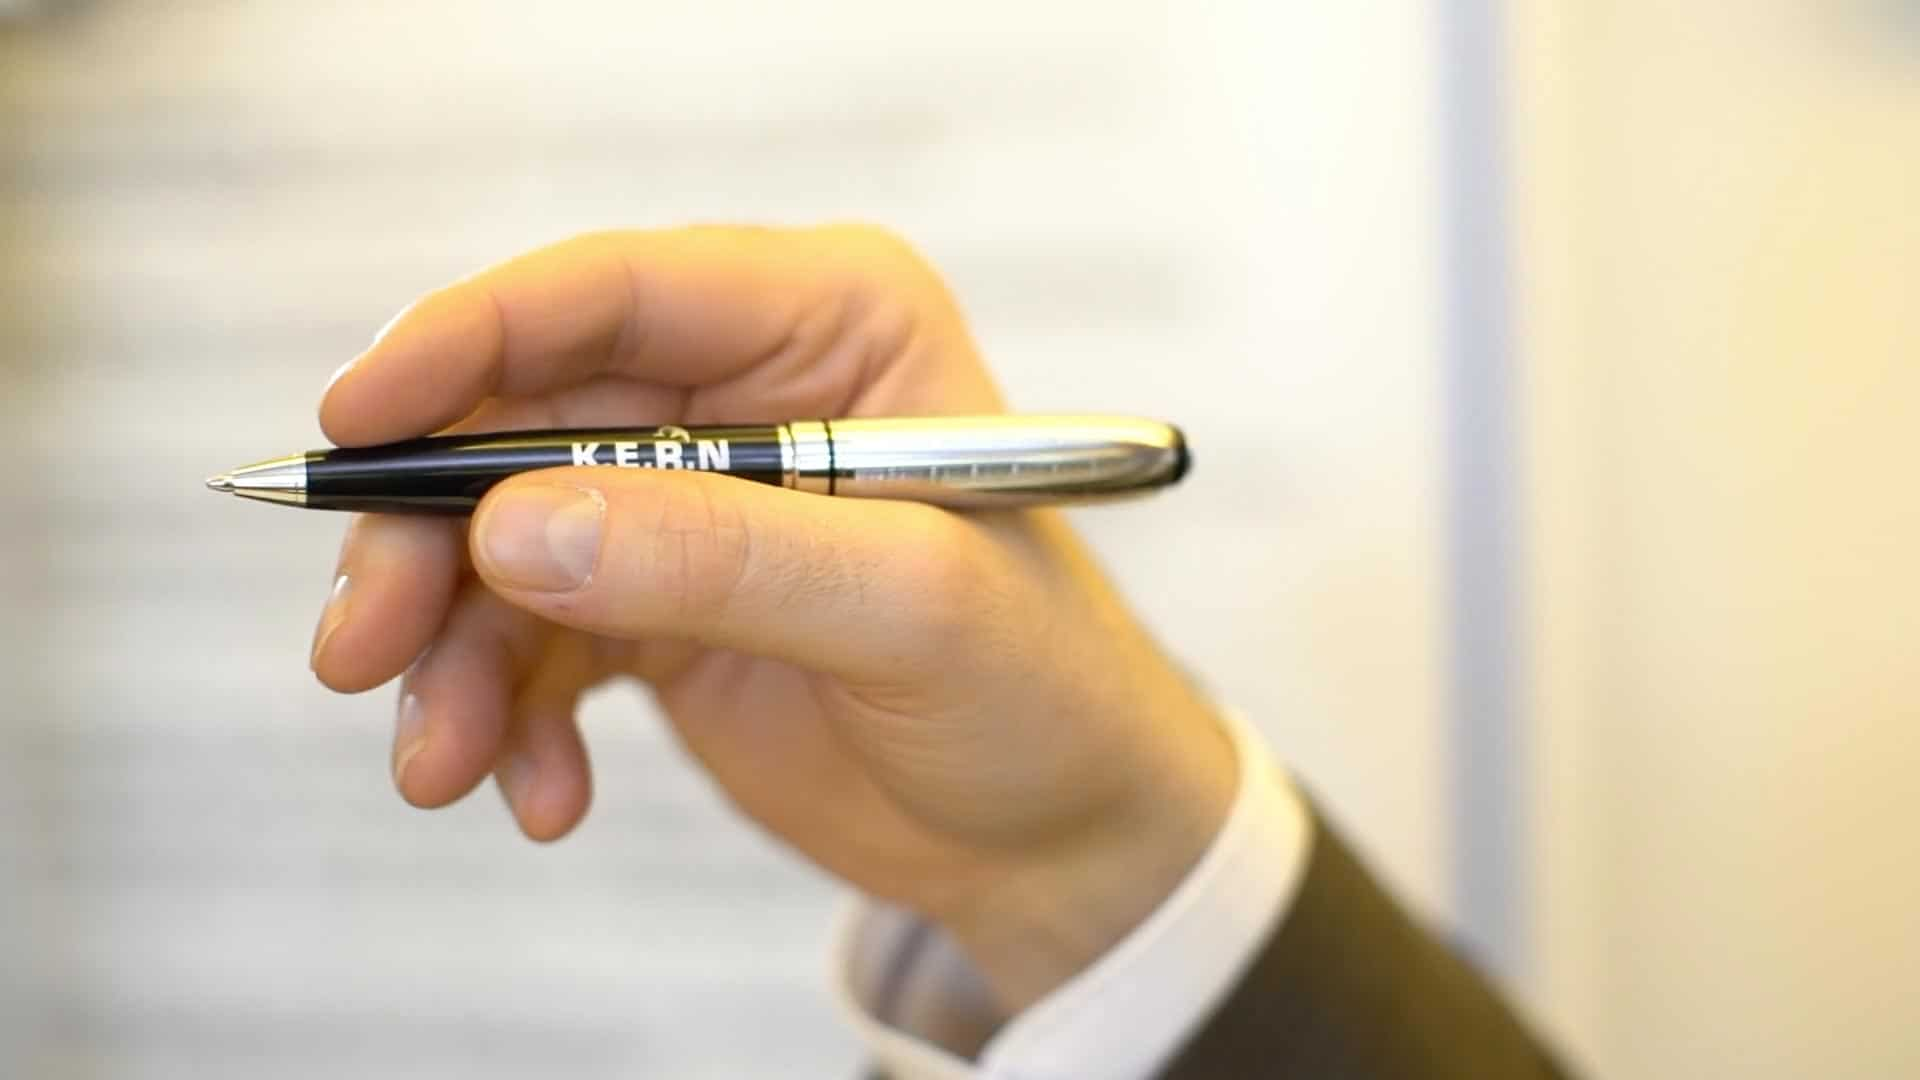 W ręku znajduje się wysokiej jakości pióro KERN w kolorze antracytowym i chromowym